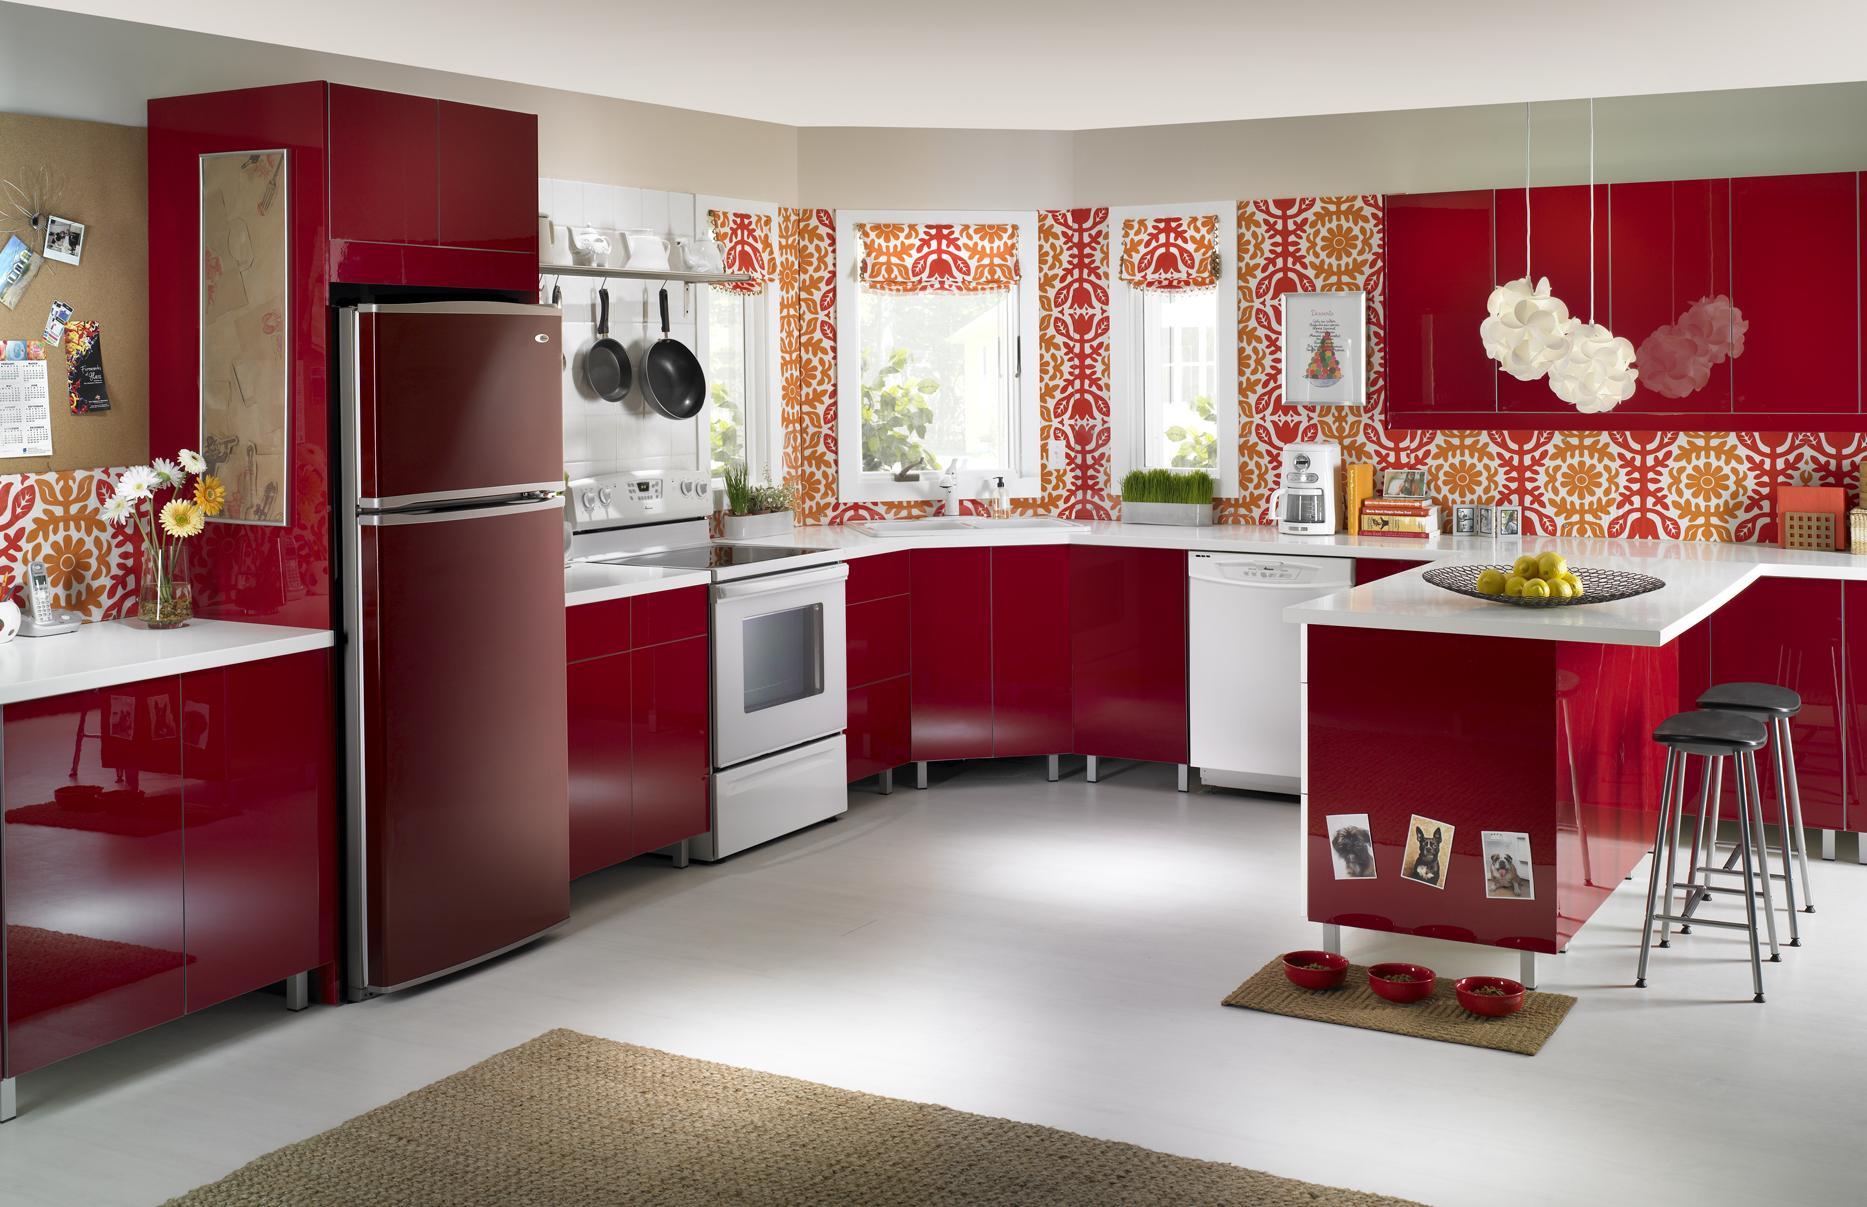 Red refrigerator in red kitchen